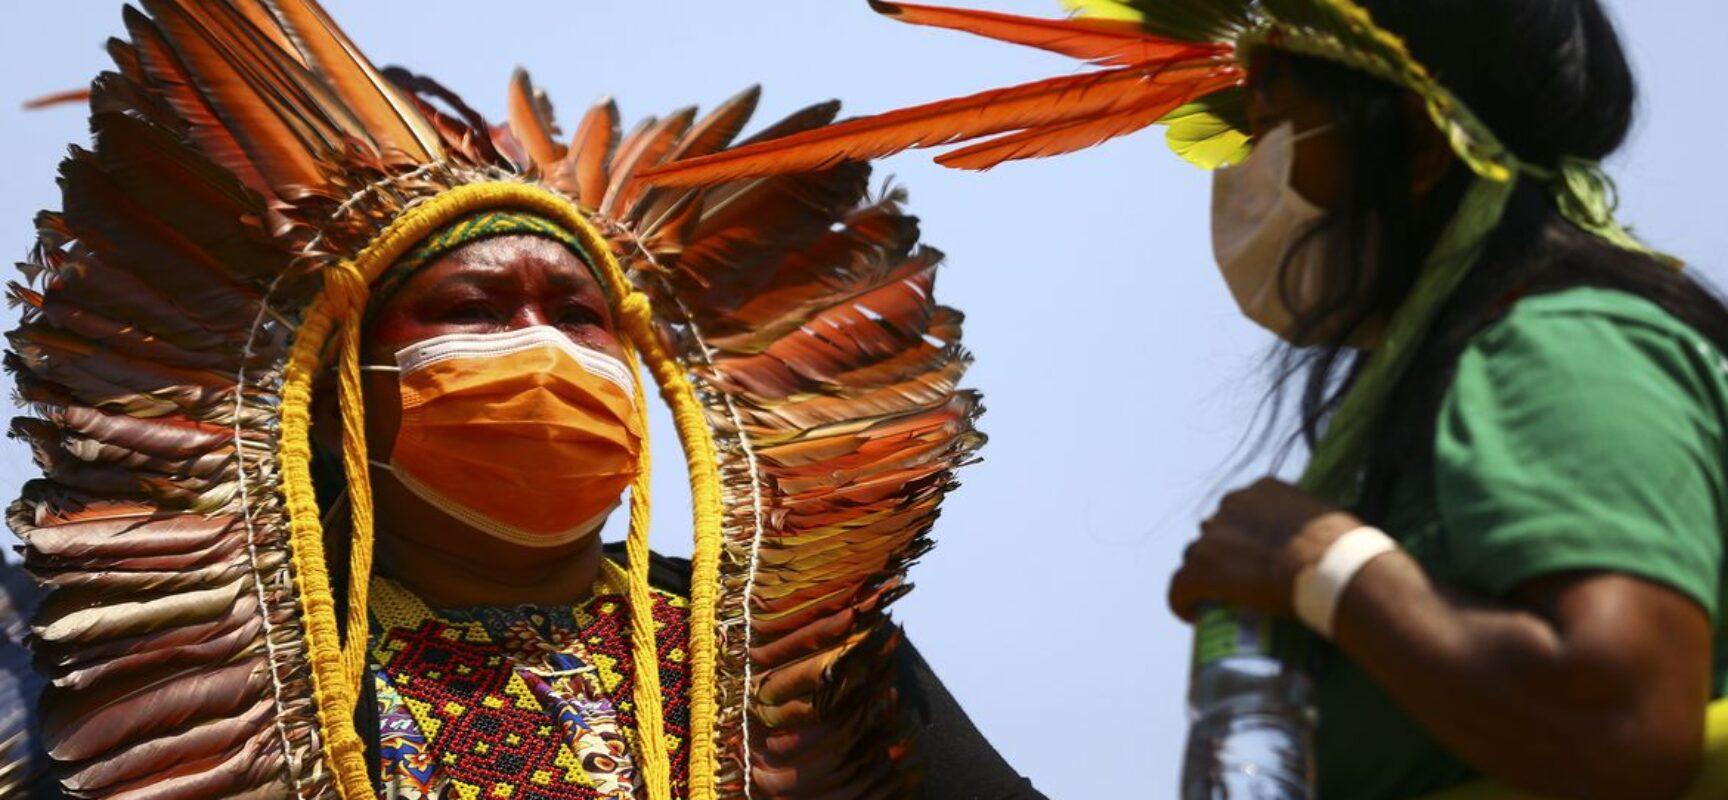 Indígenas marcham pelo centro de Brasília e fazem reivindicações